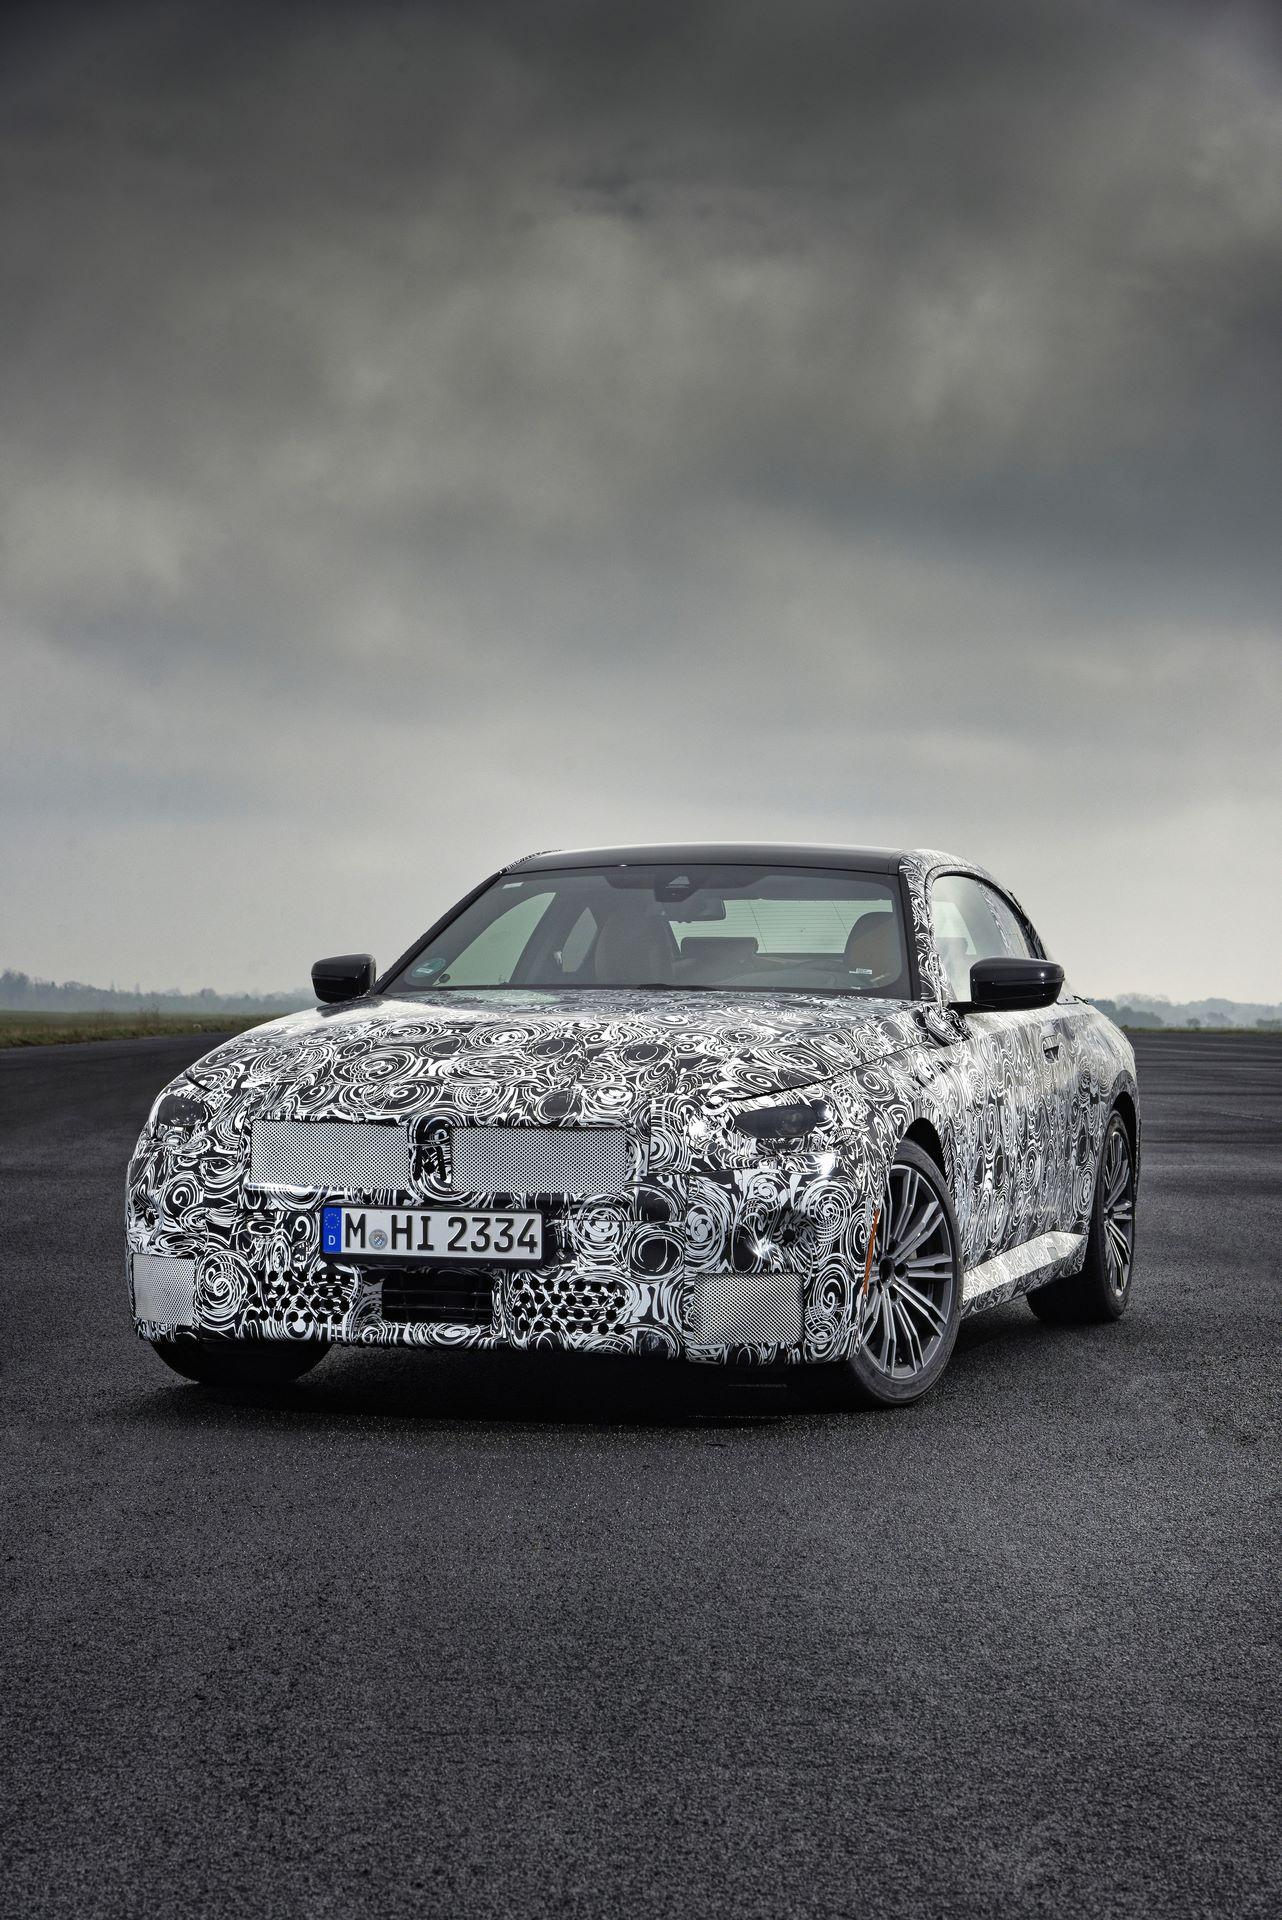 BMW-2-Series-M240i-spy-photos-46